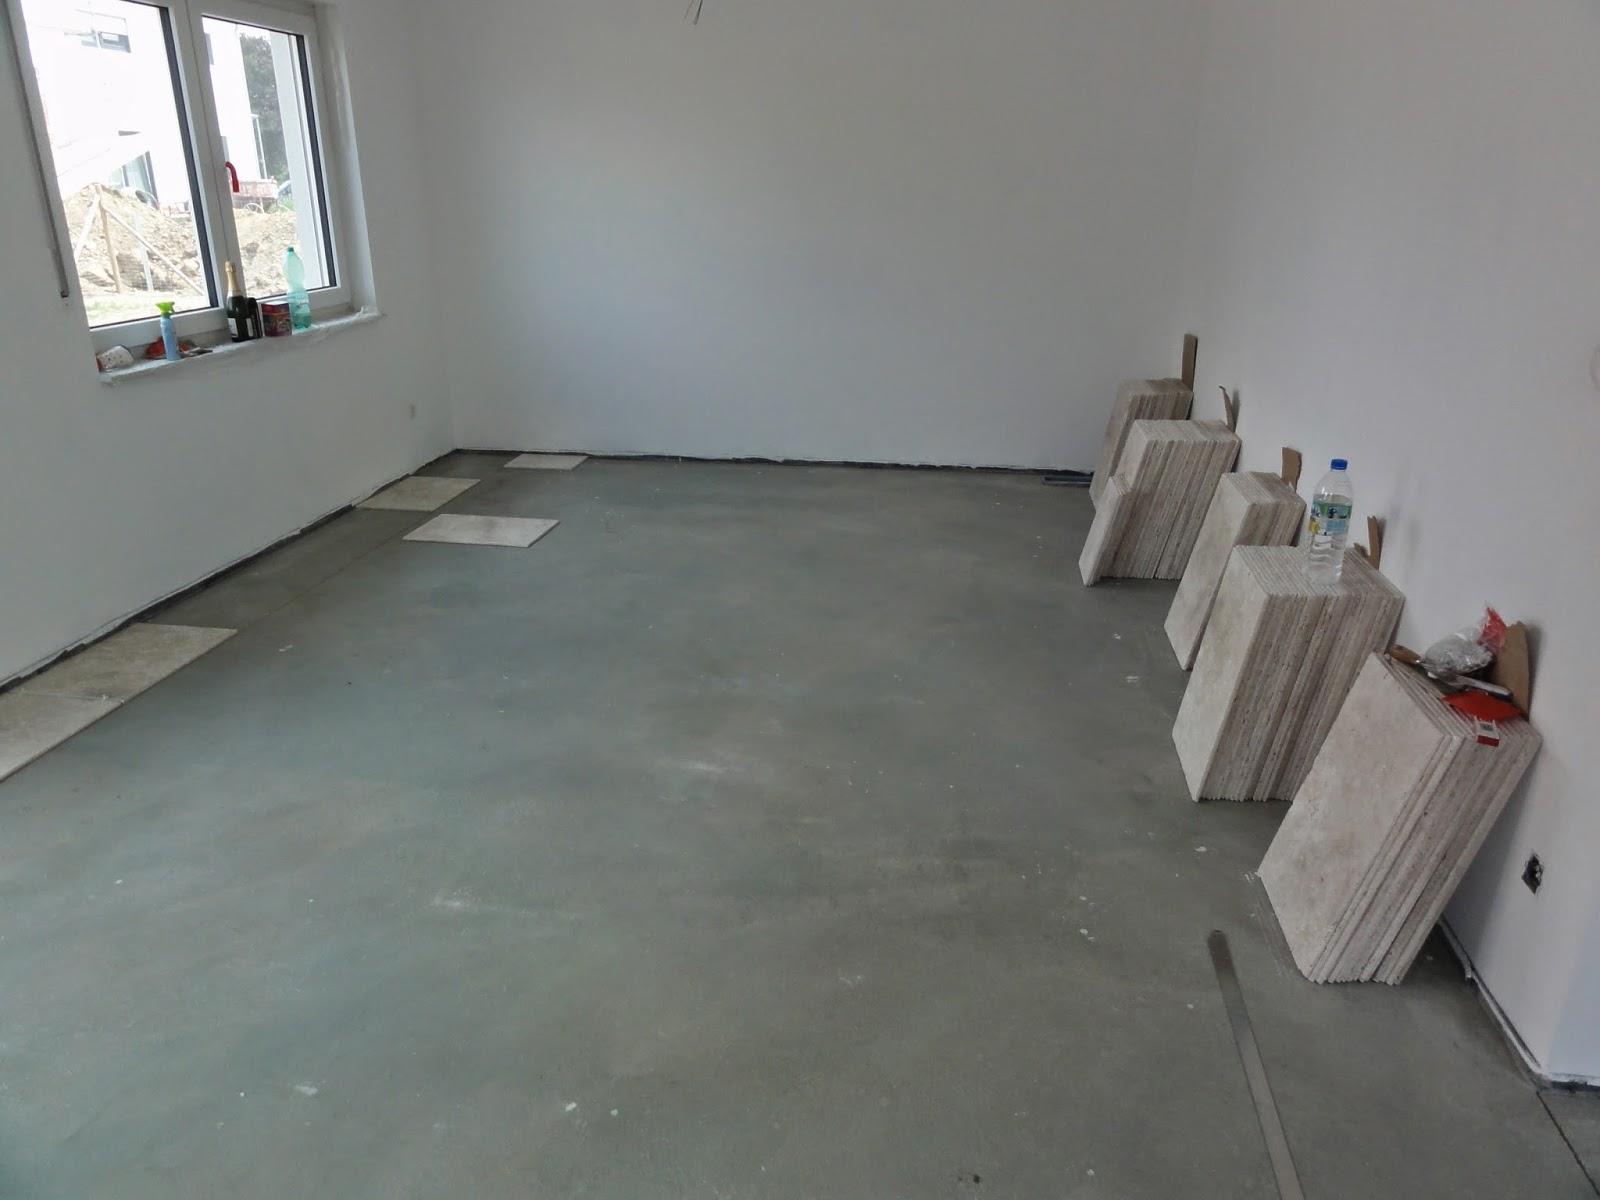 Fliesen wohnzimmer kuche ~ brimob.com for .